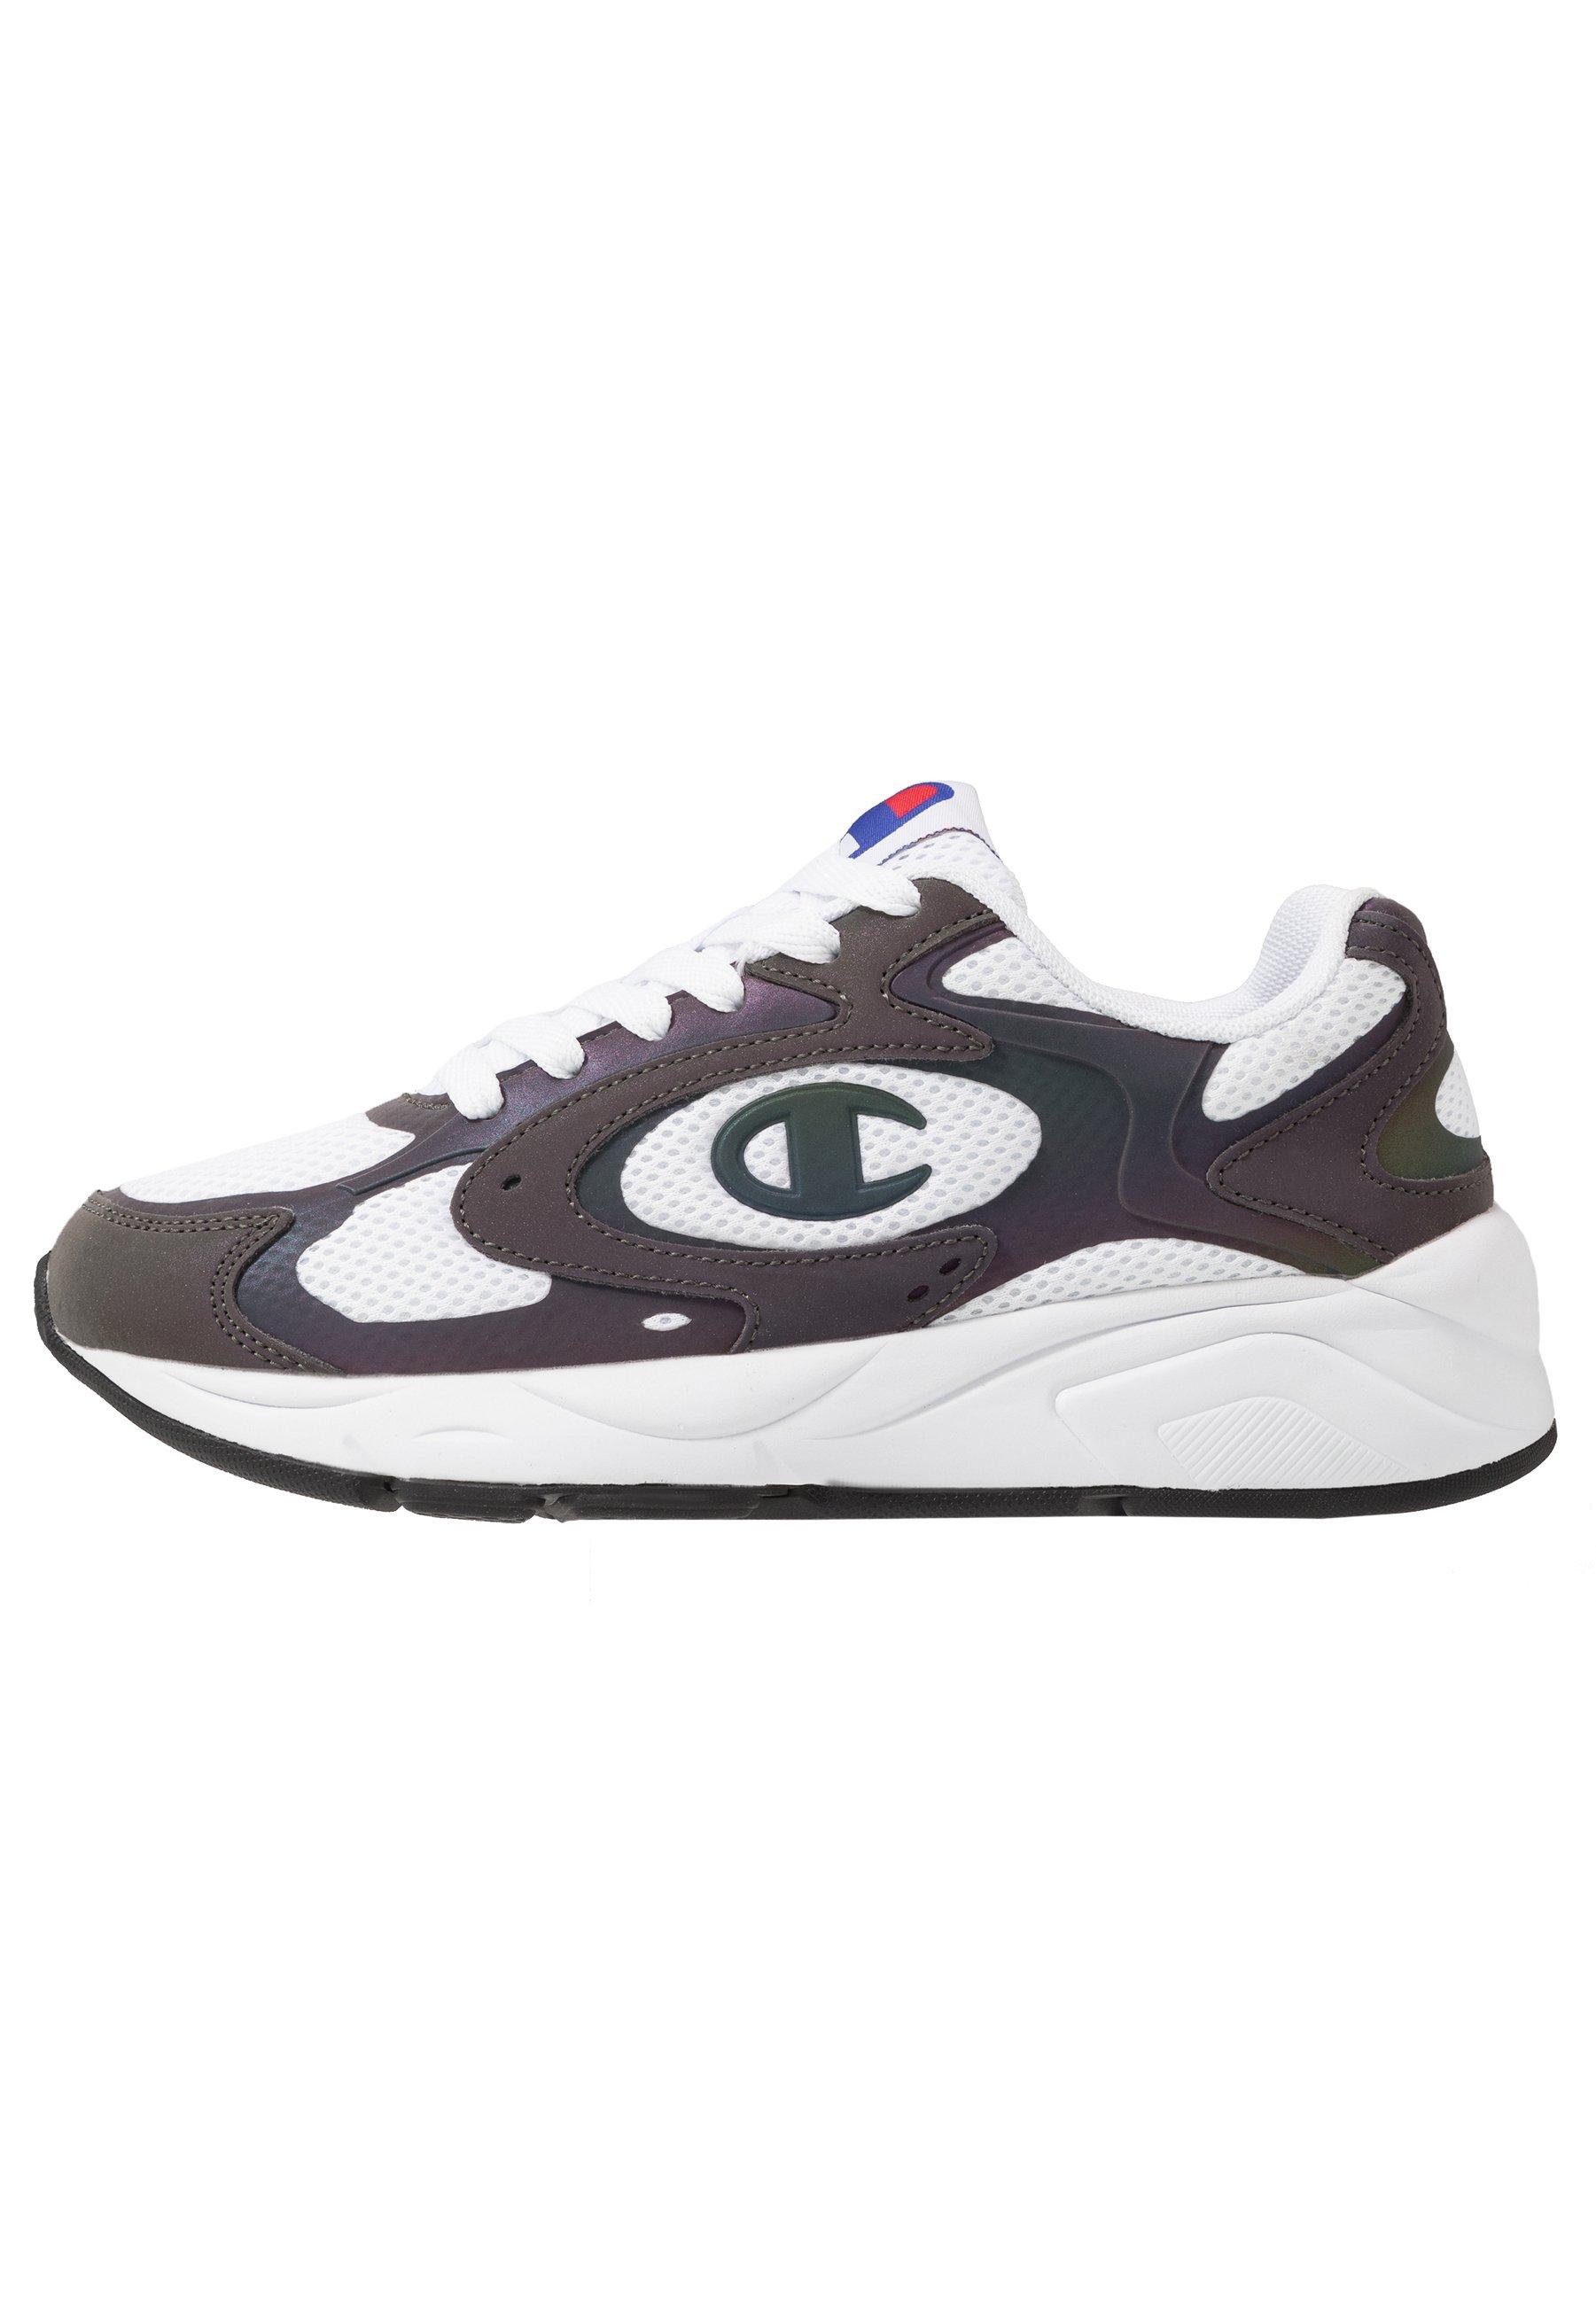 LOW CUT SHOE LEXINGTON 200 Sneakers whitenew blackmulticolor